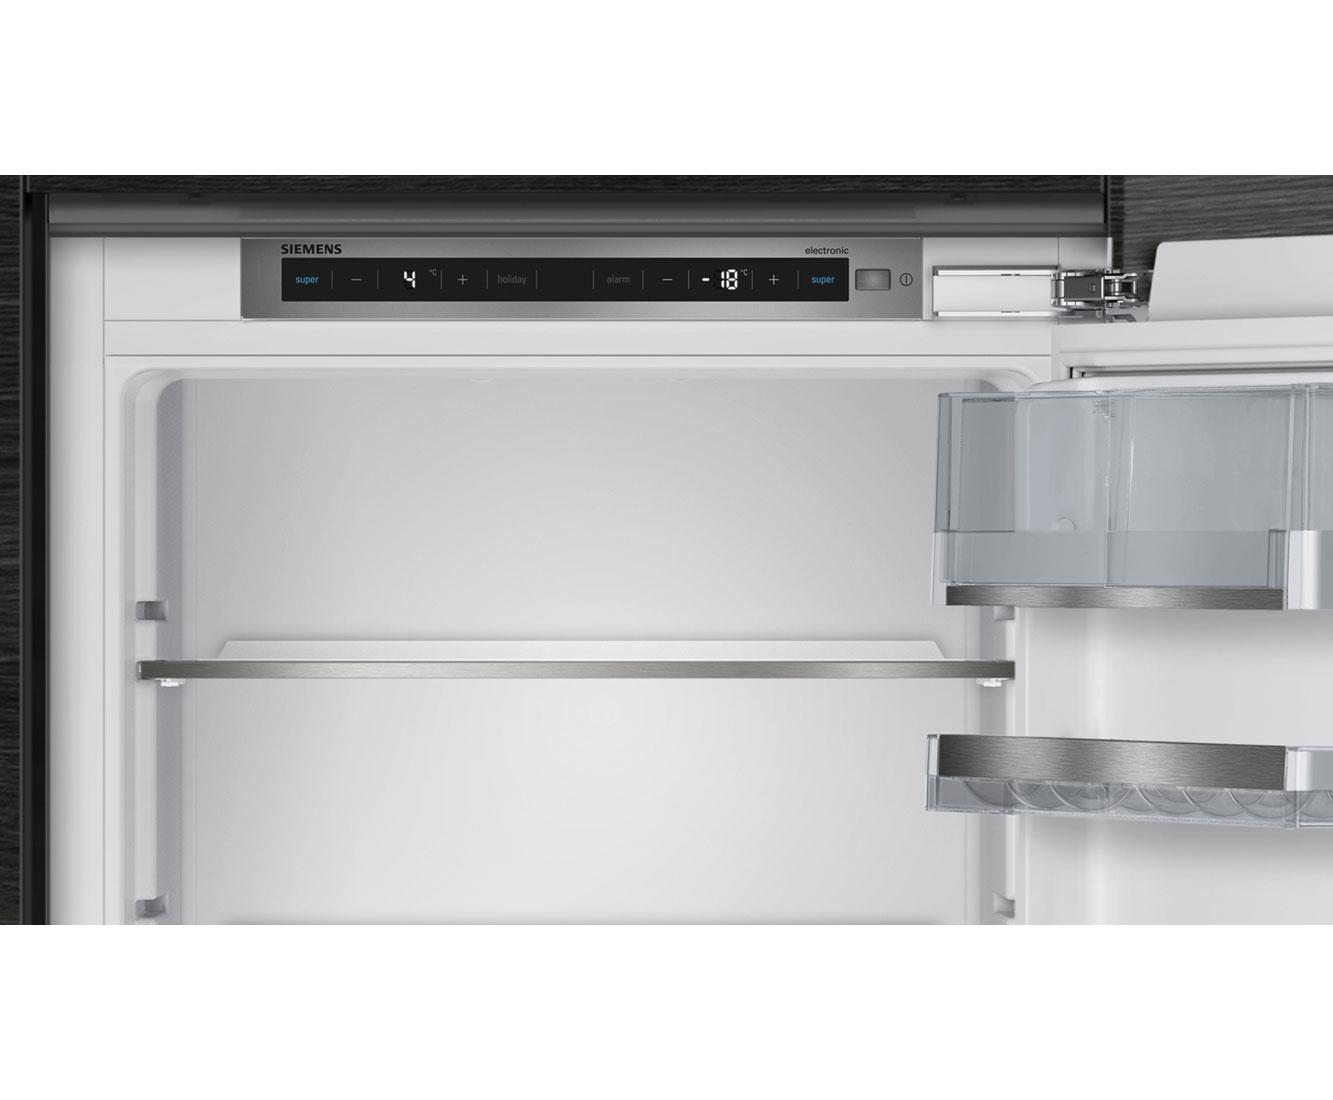 Siemens Kühlschrank Nach Abtauen Alarm : Siemens kühlschrank nach abtauen alarm küchenbauer gmbh siemens